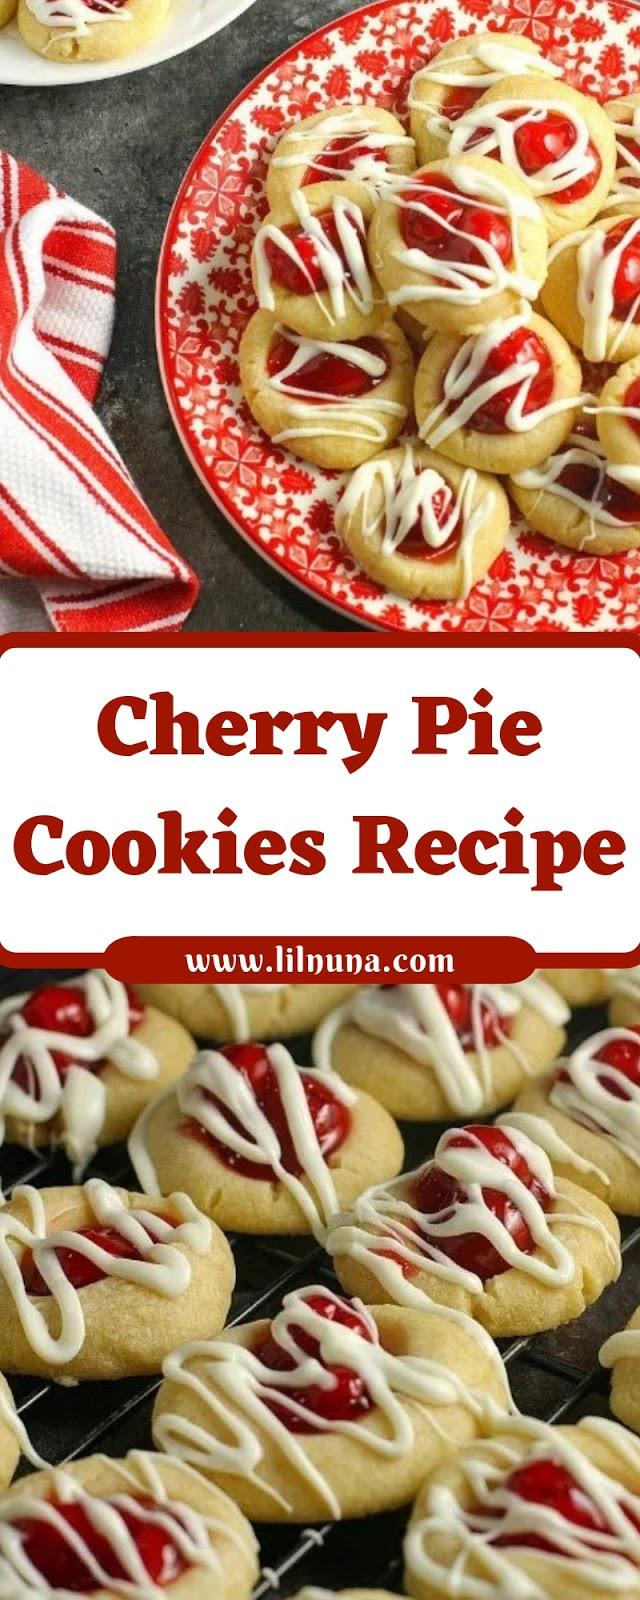 Cherry Pie Cookies Recipe